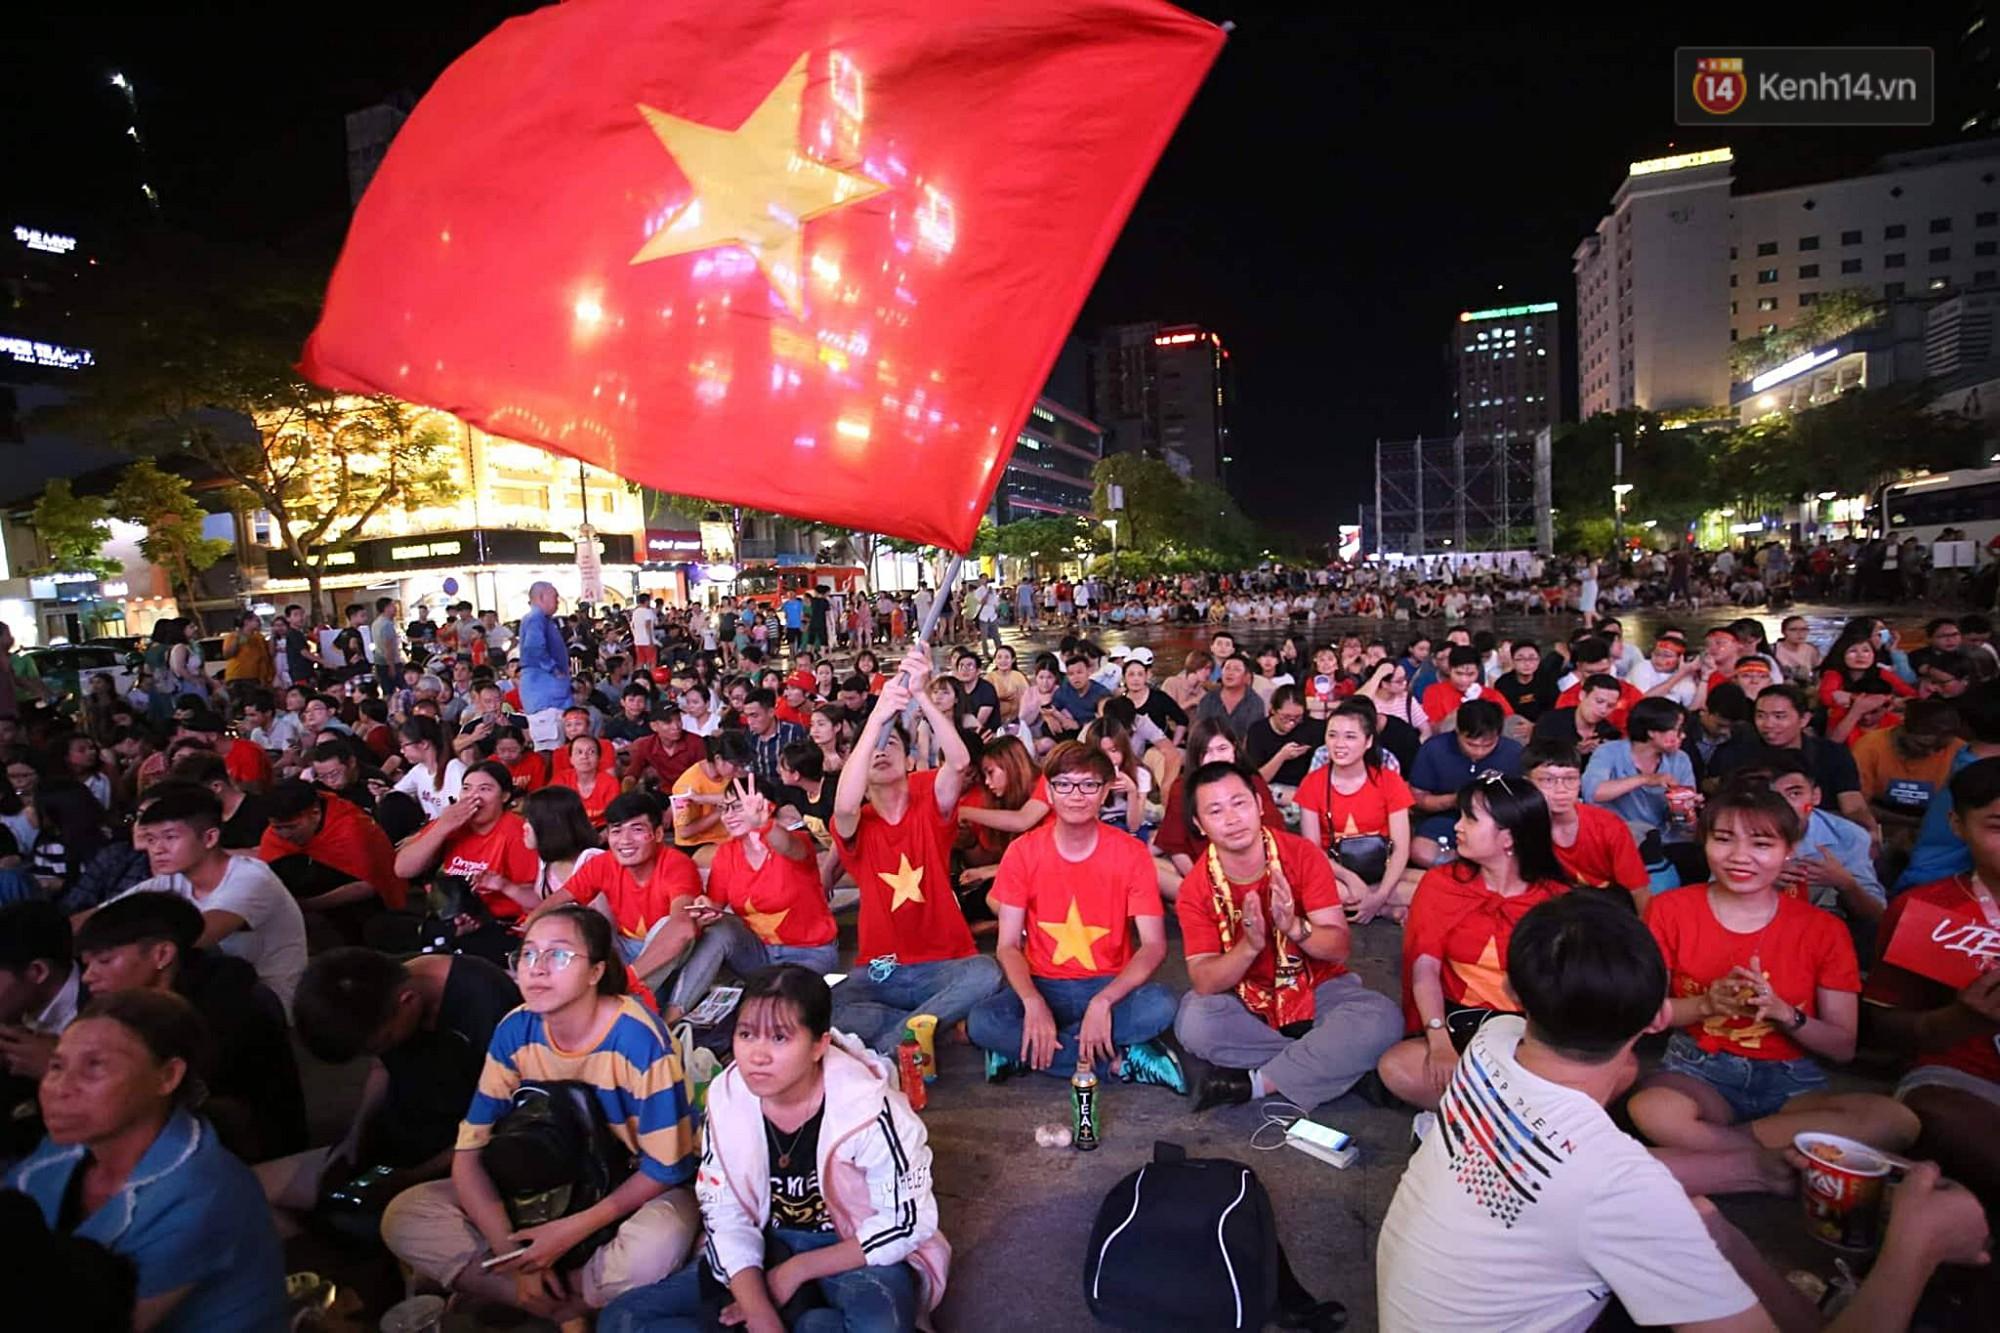 Nhìn lại chuỗi cảm xúc biến động của CĐV Việt Nam trong trận thắng ngộp thở 1-0 trước Thái Lan - Ảnh 1.